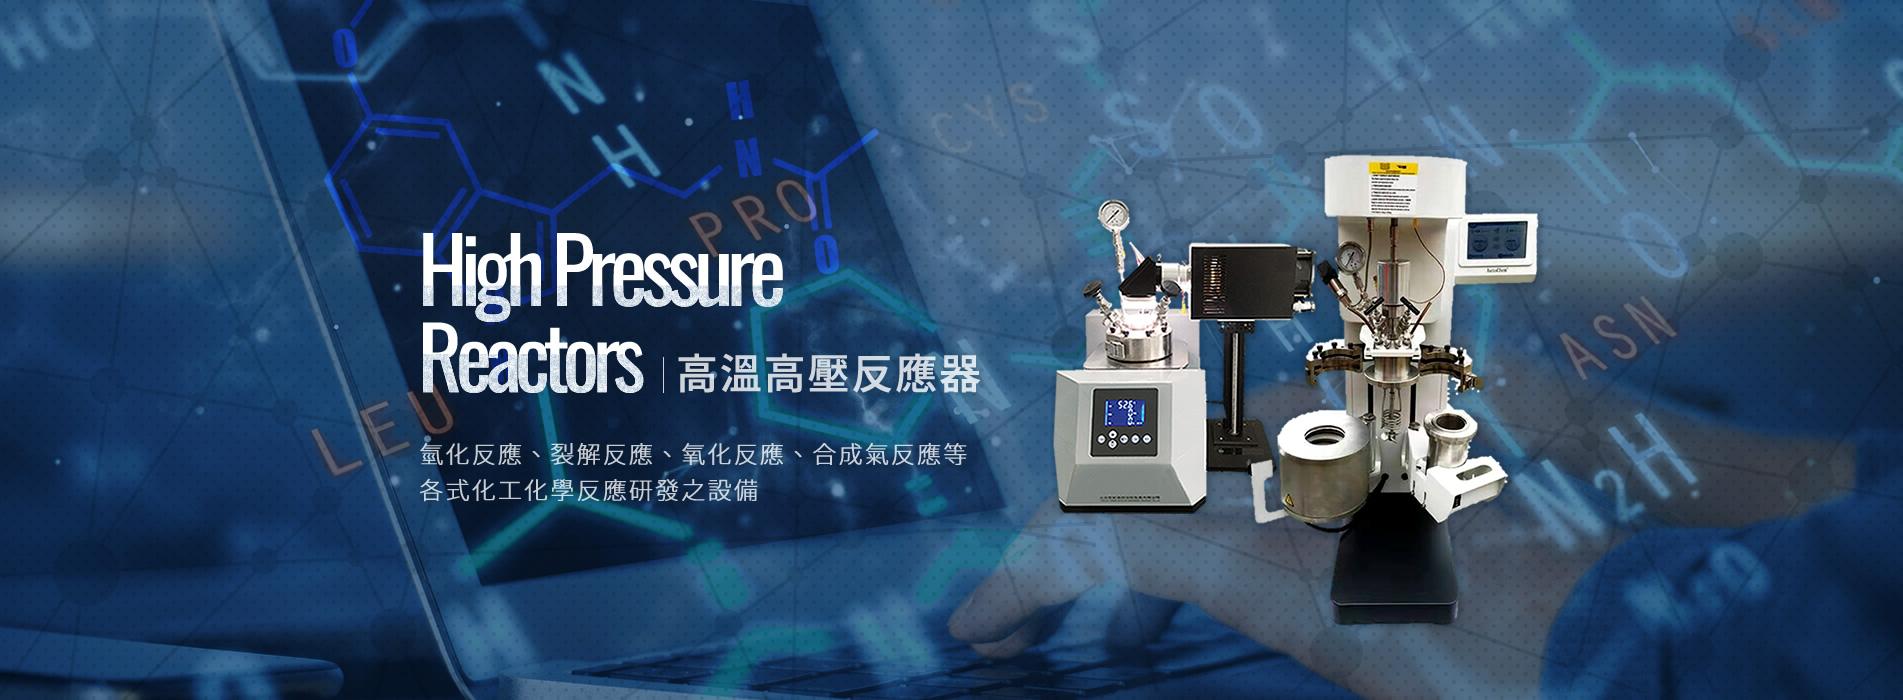 高溫高壓反應器